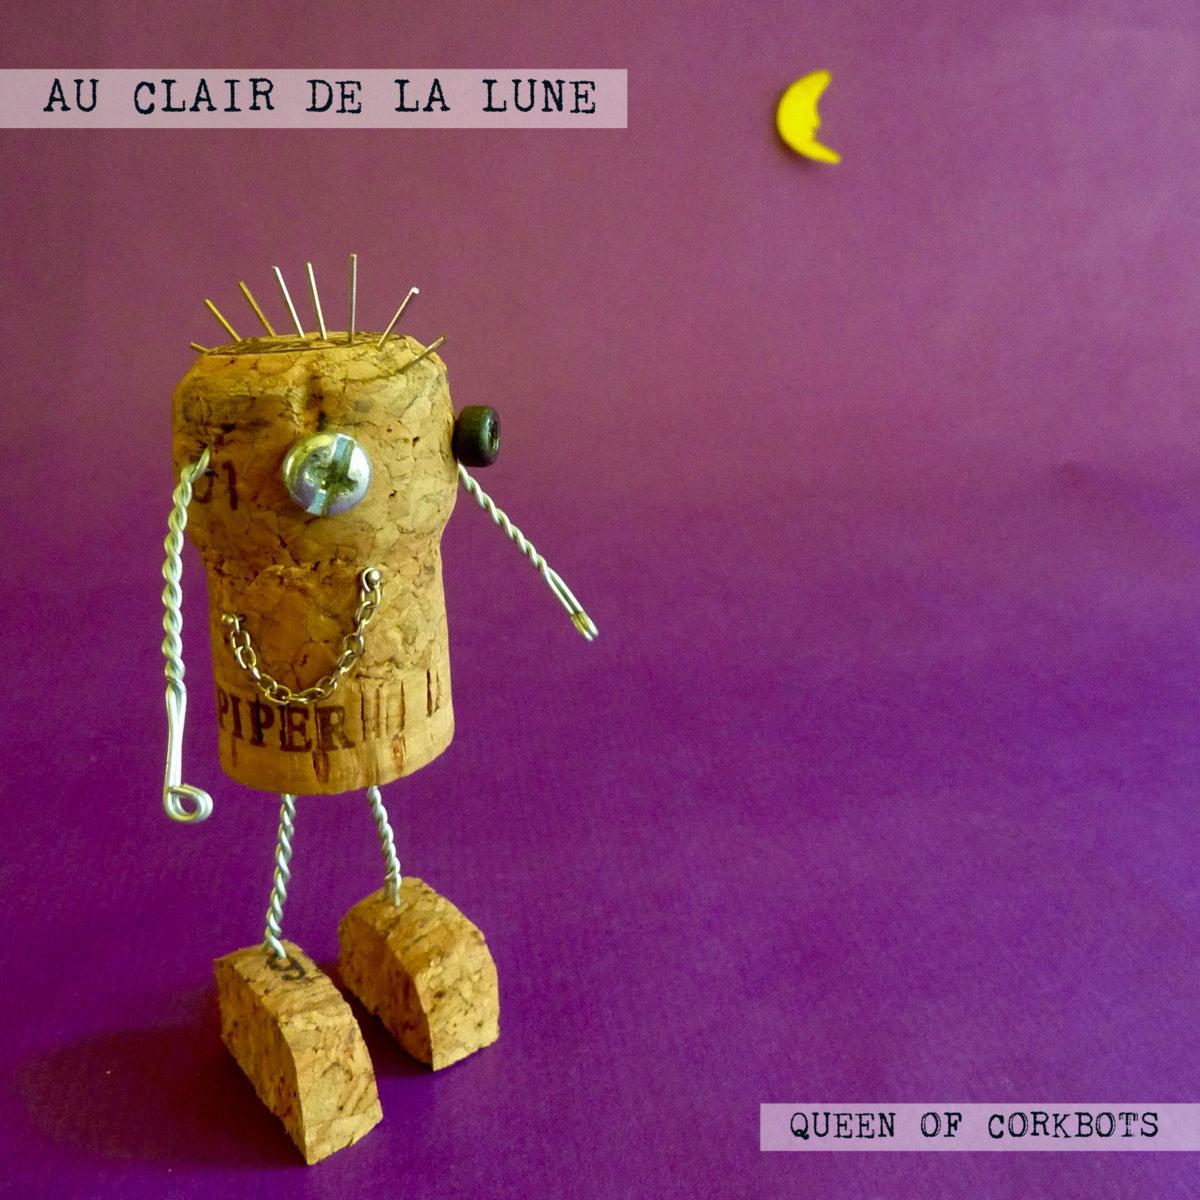 Au Clair De La Lune | Brona Mcvittie tout Clair De La Lune Lyrics